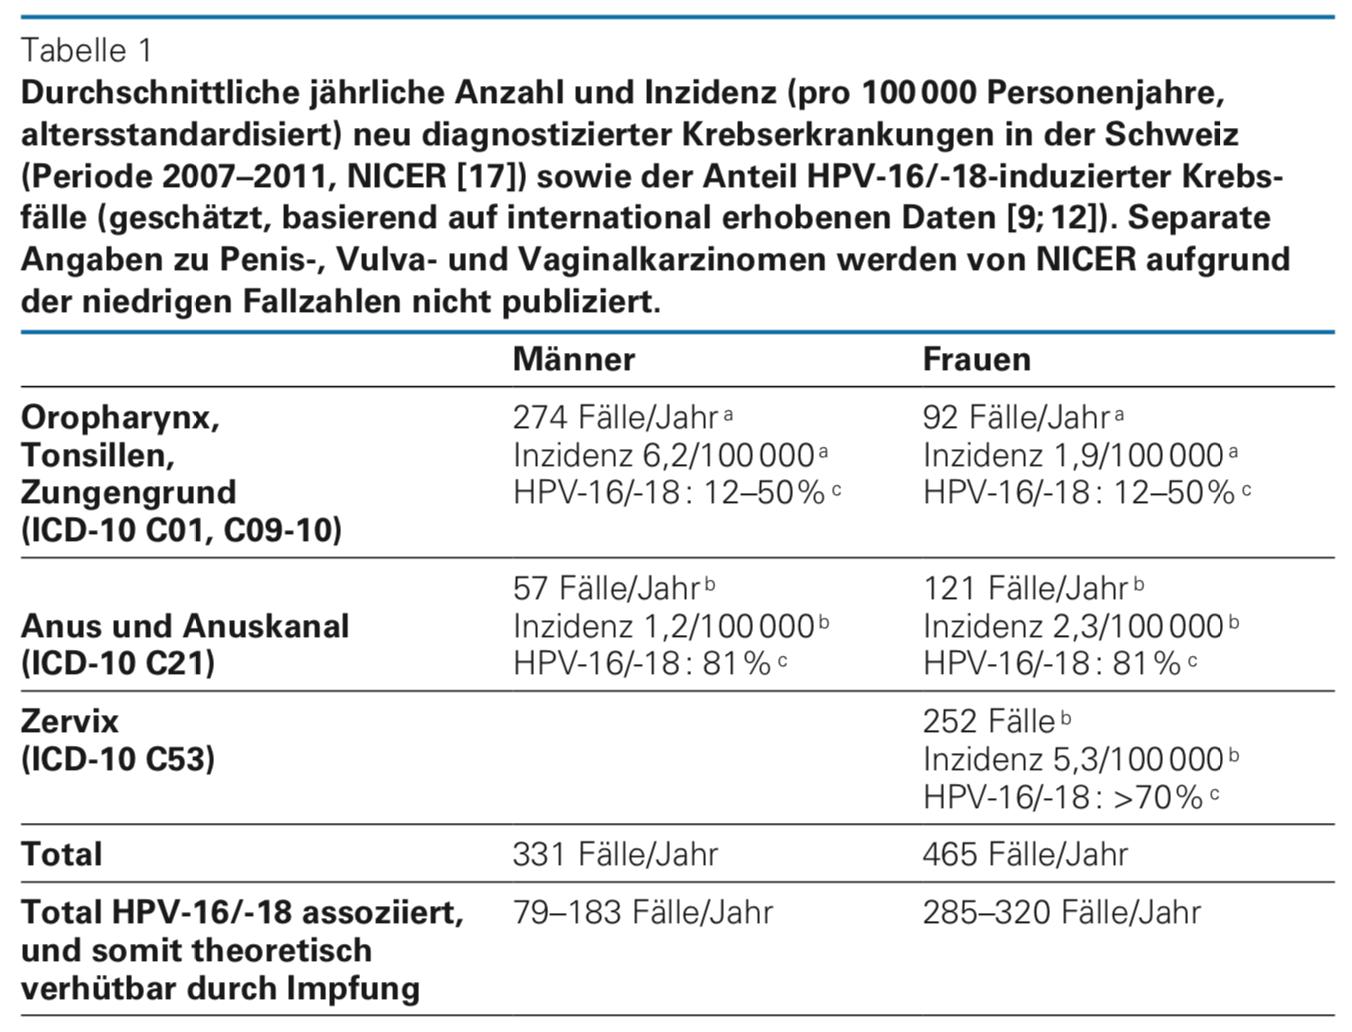 gardasil impfung risiken